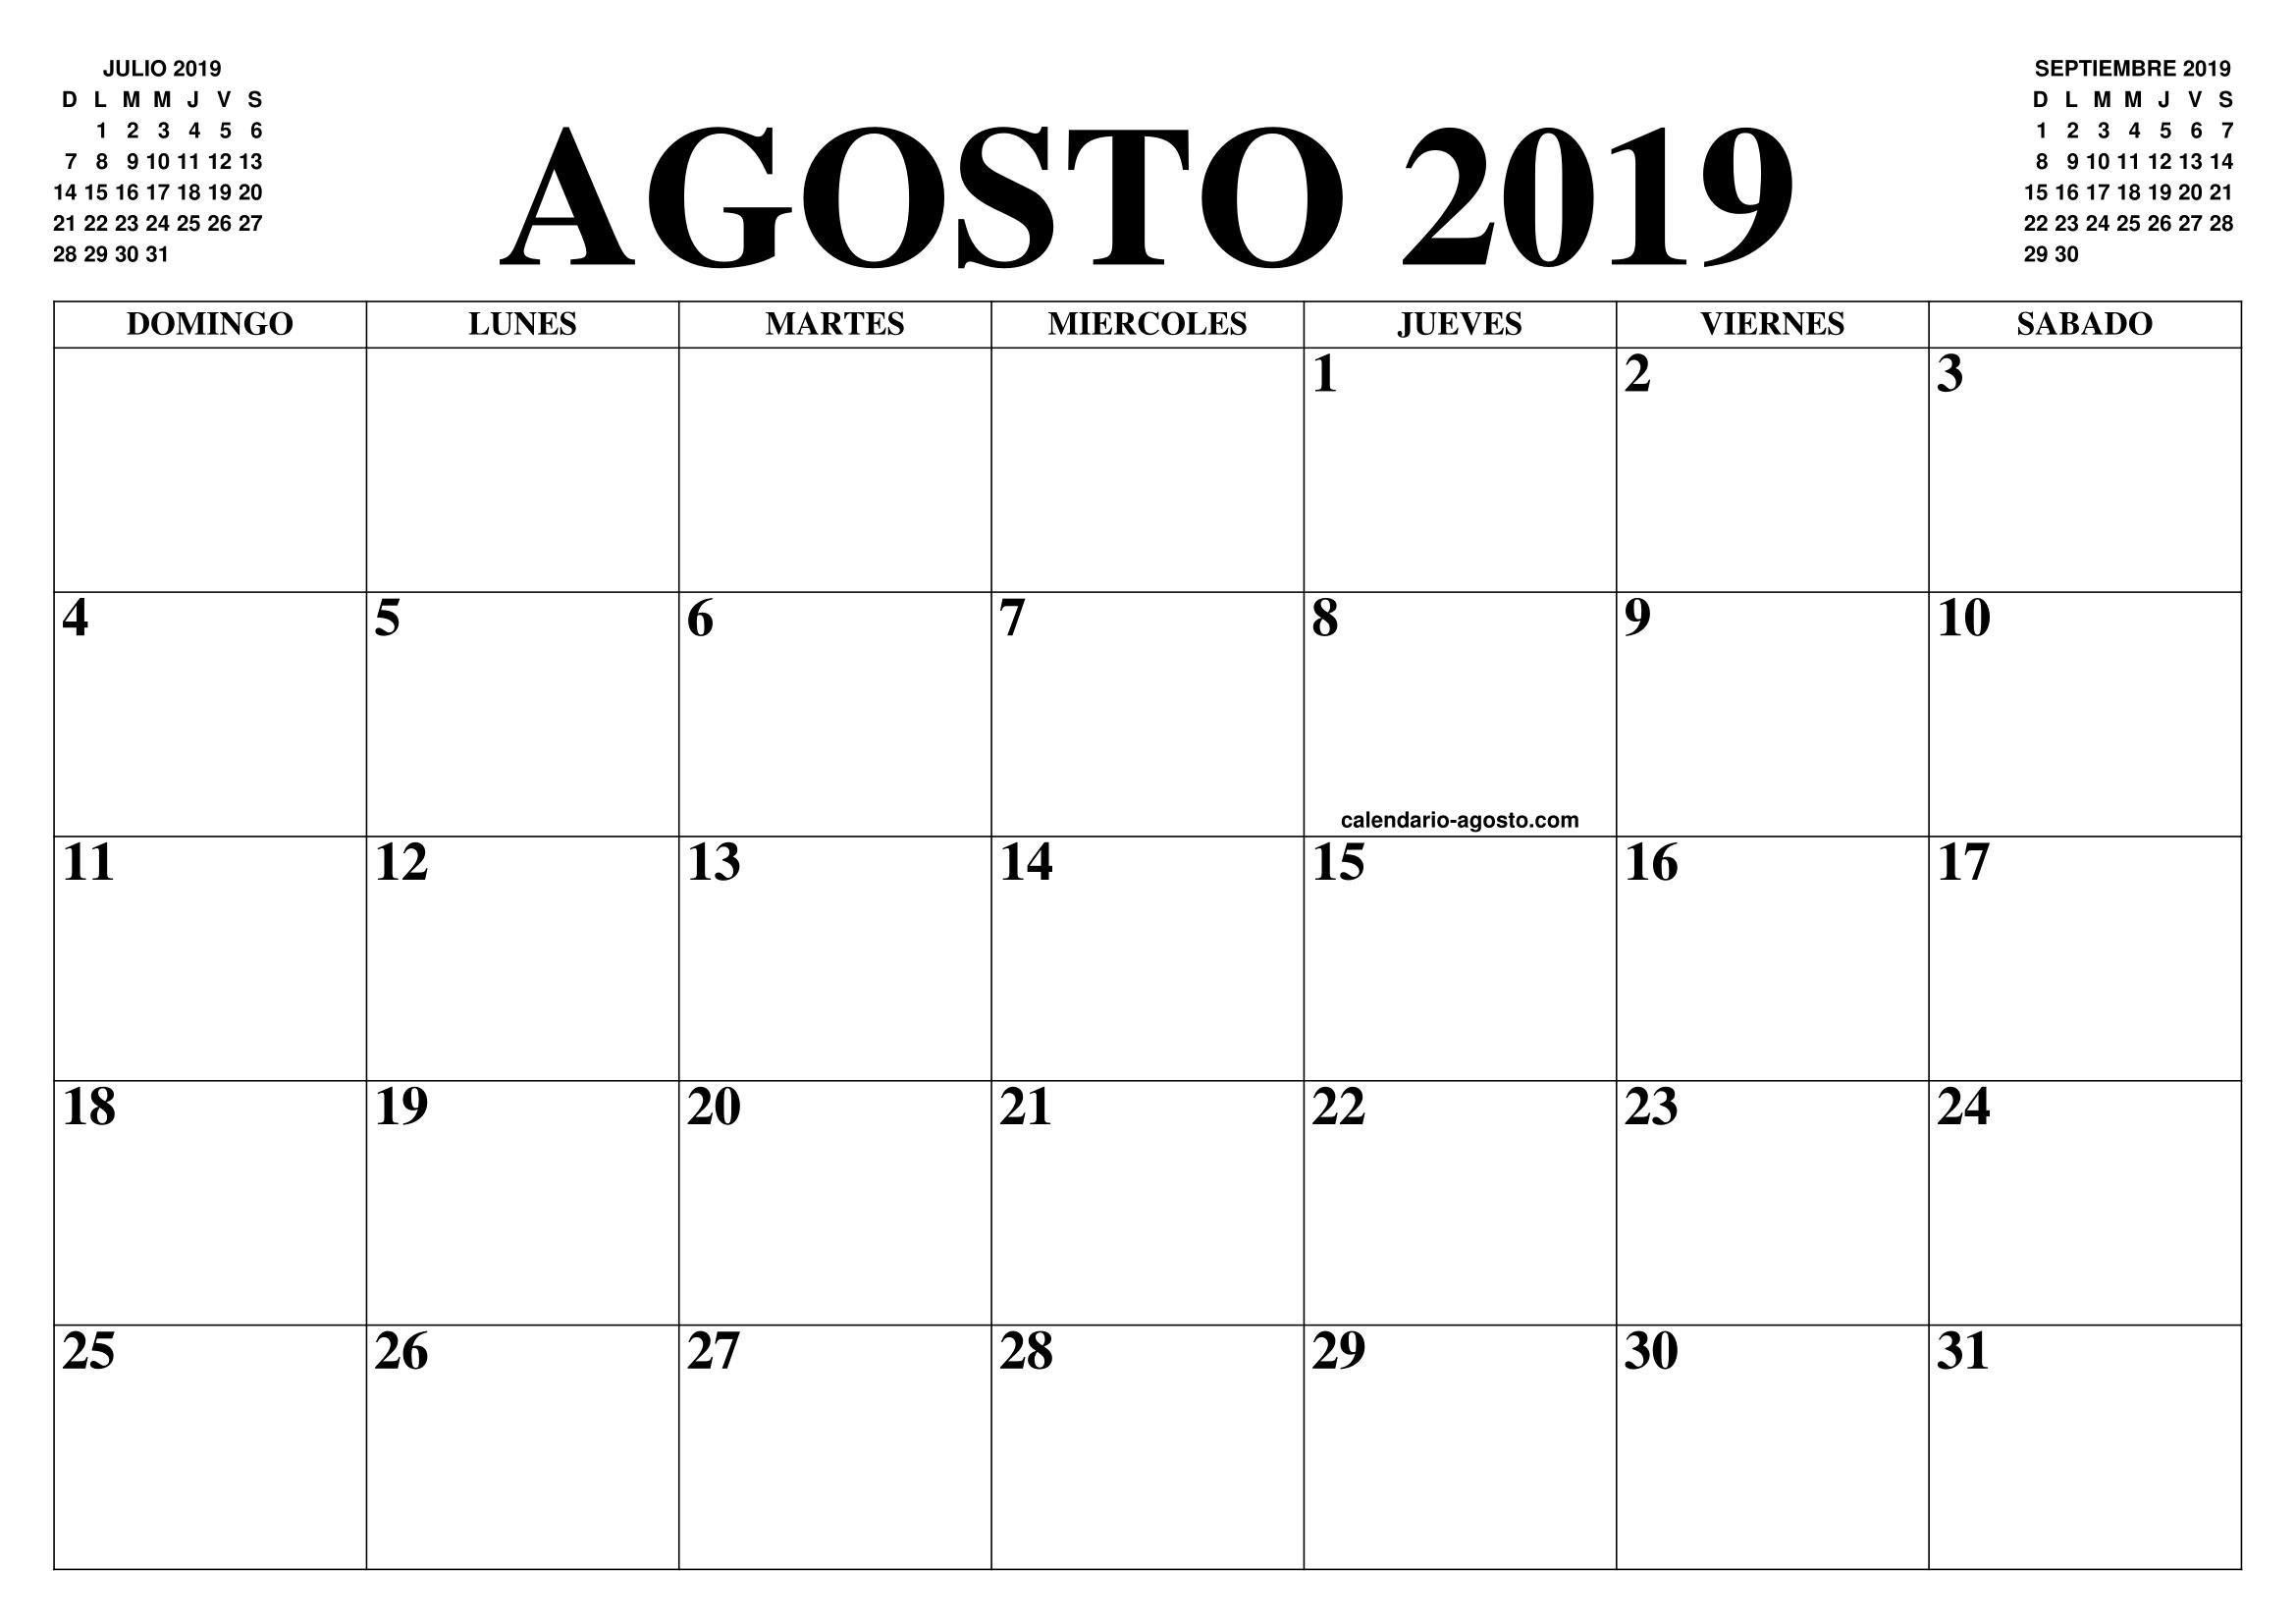 Calendario De Agosto 2019 Decorado.Resultado De Imagen Para Calendario 2019 Agosto 2019